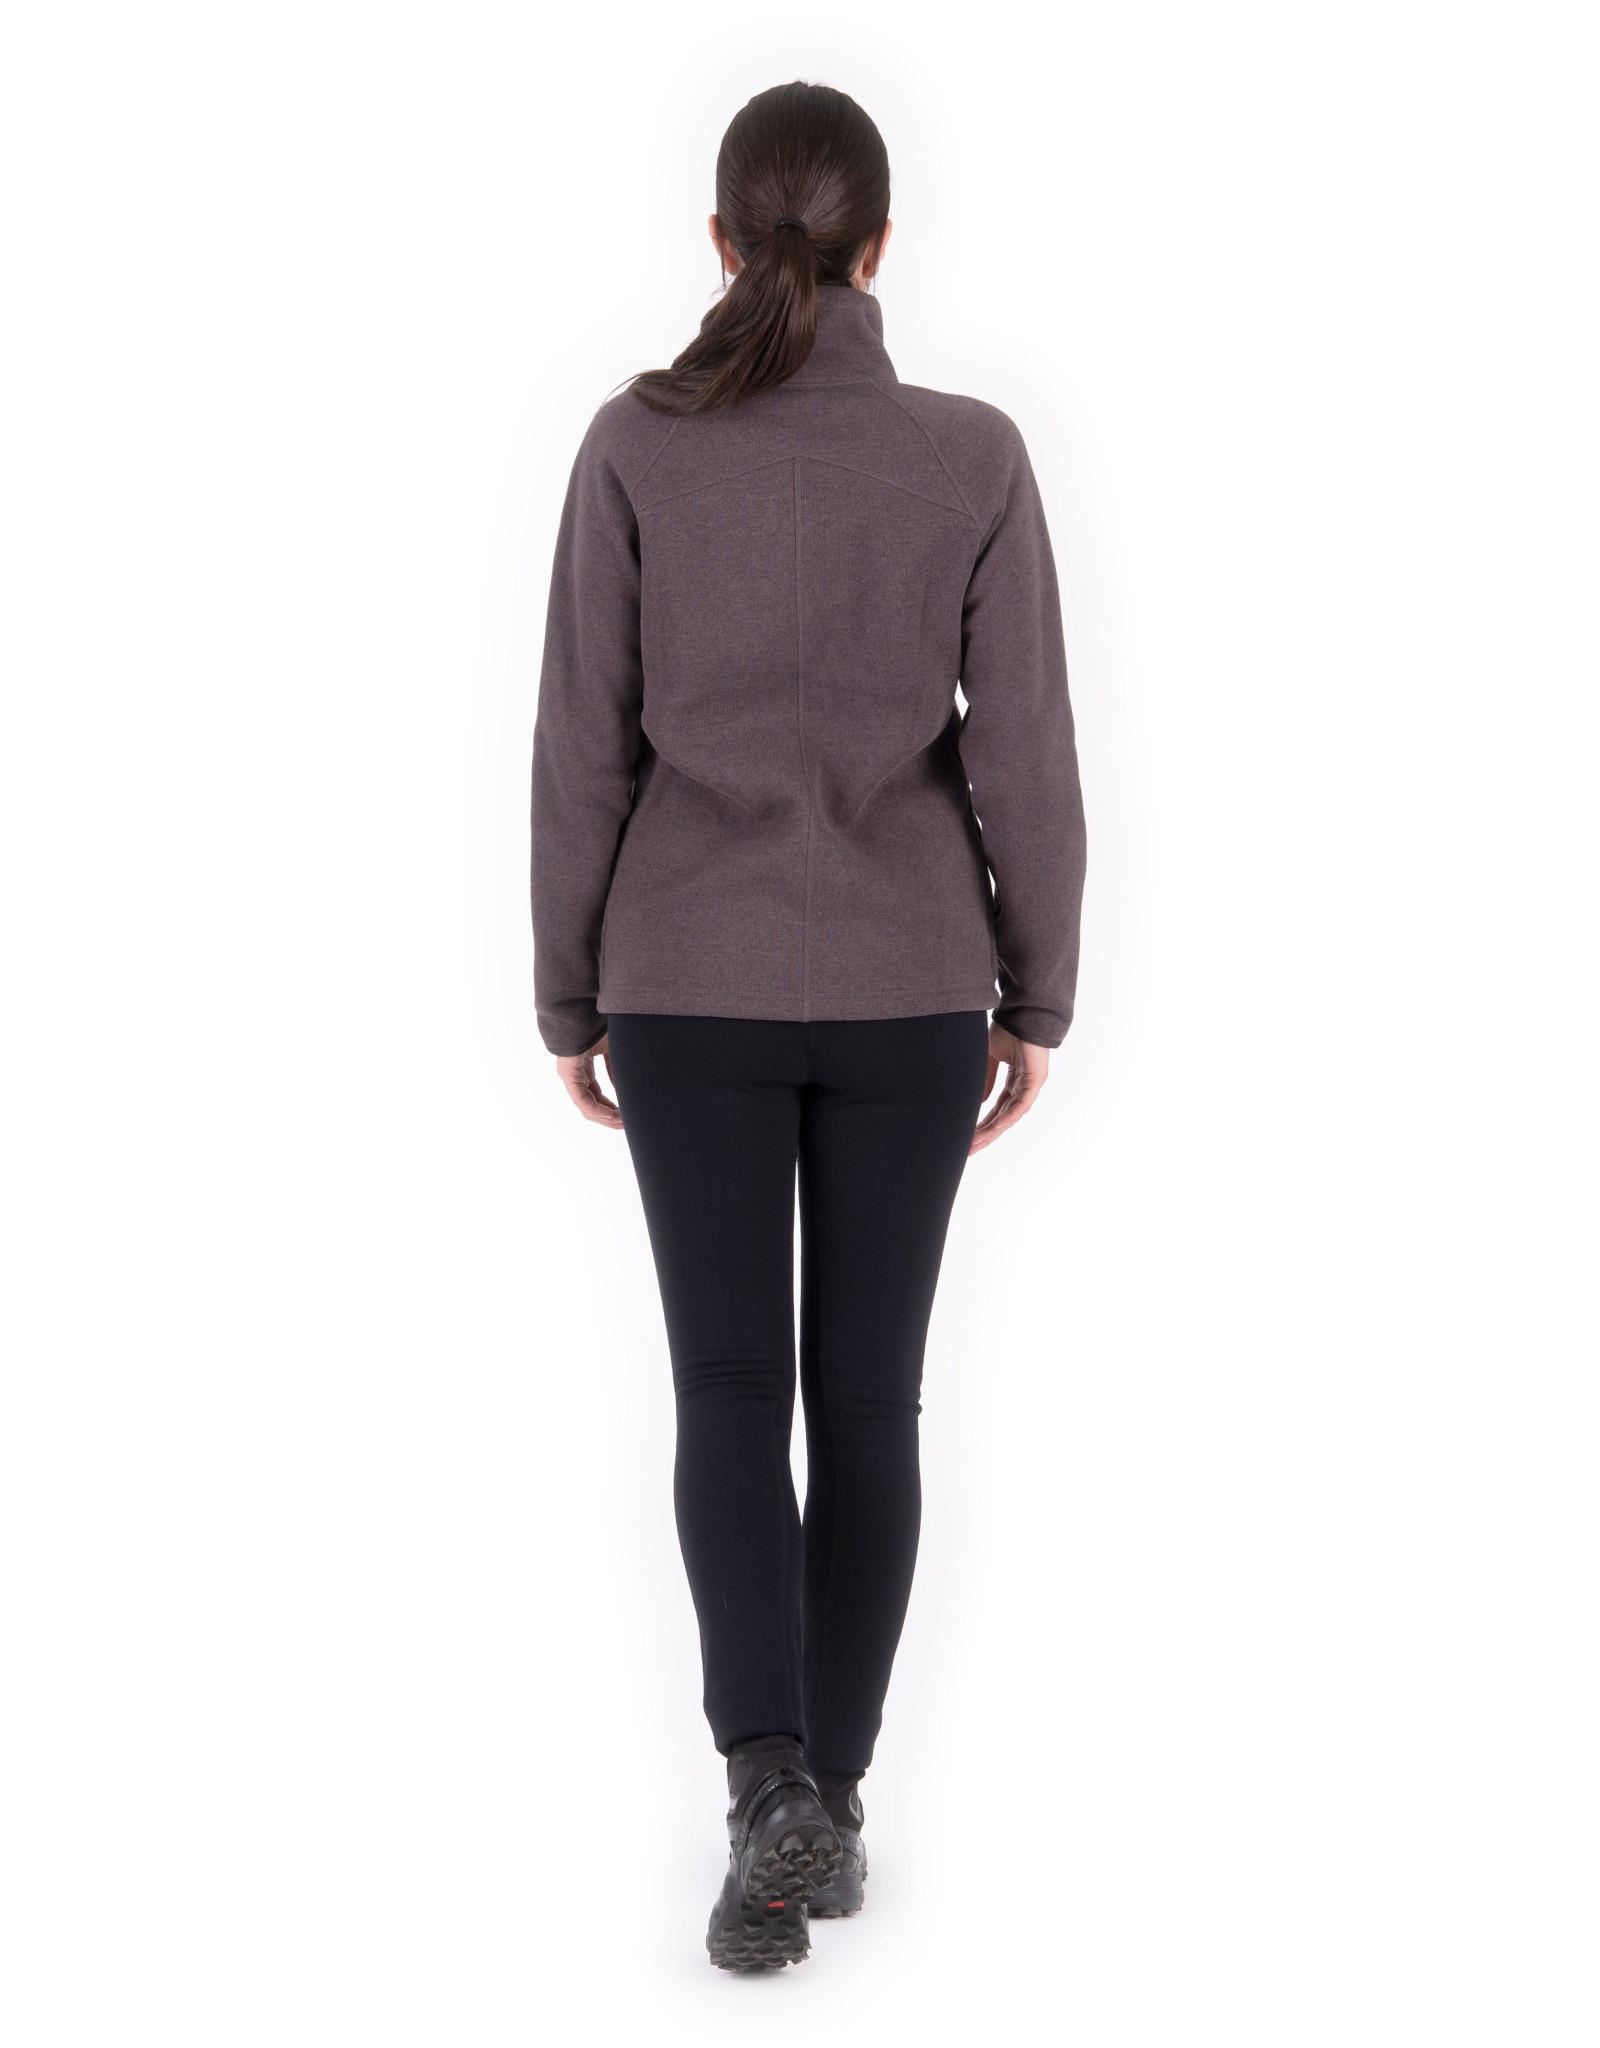 Indygena Indygena Kaula II Zip Up Sweater